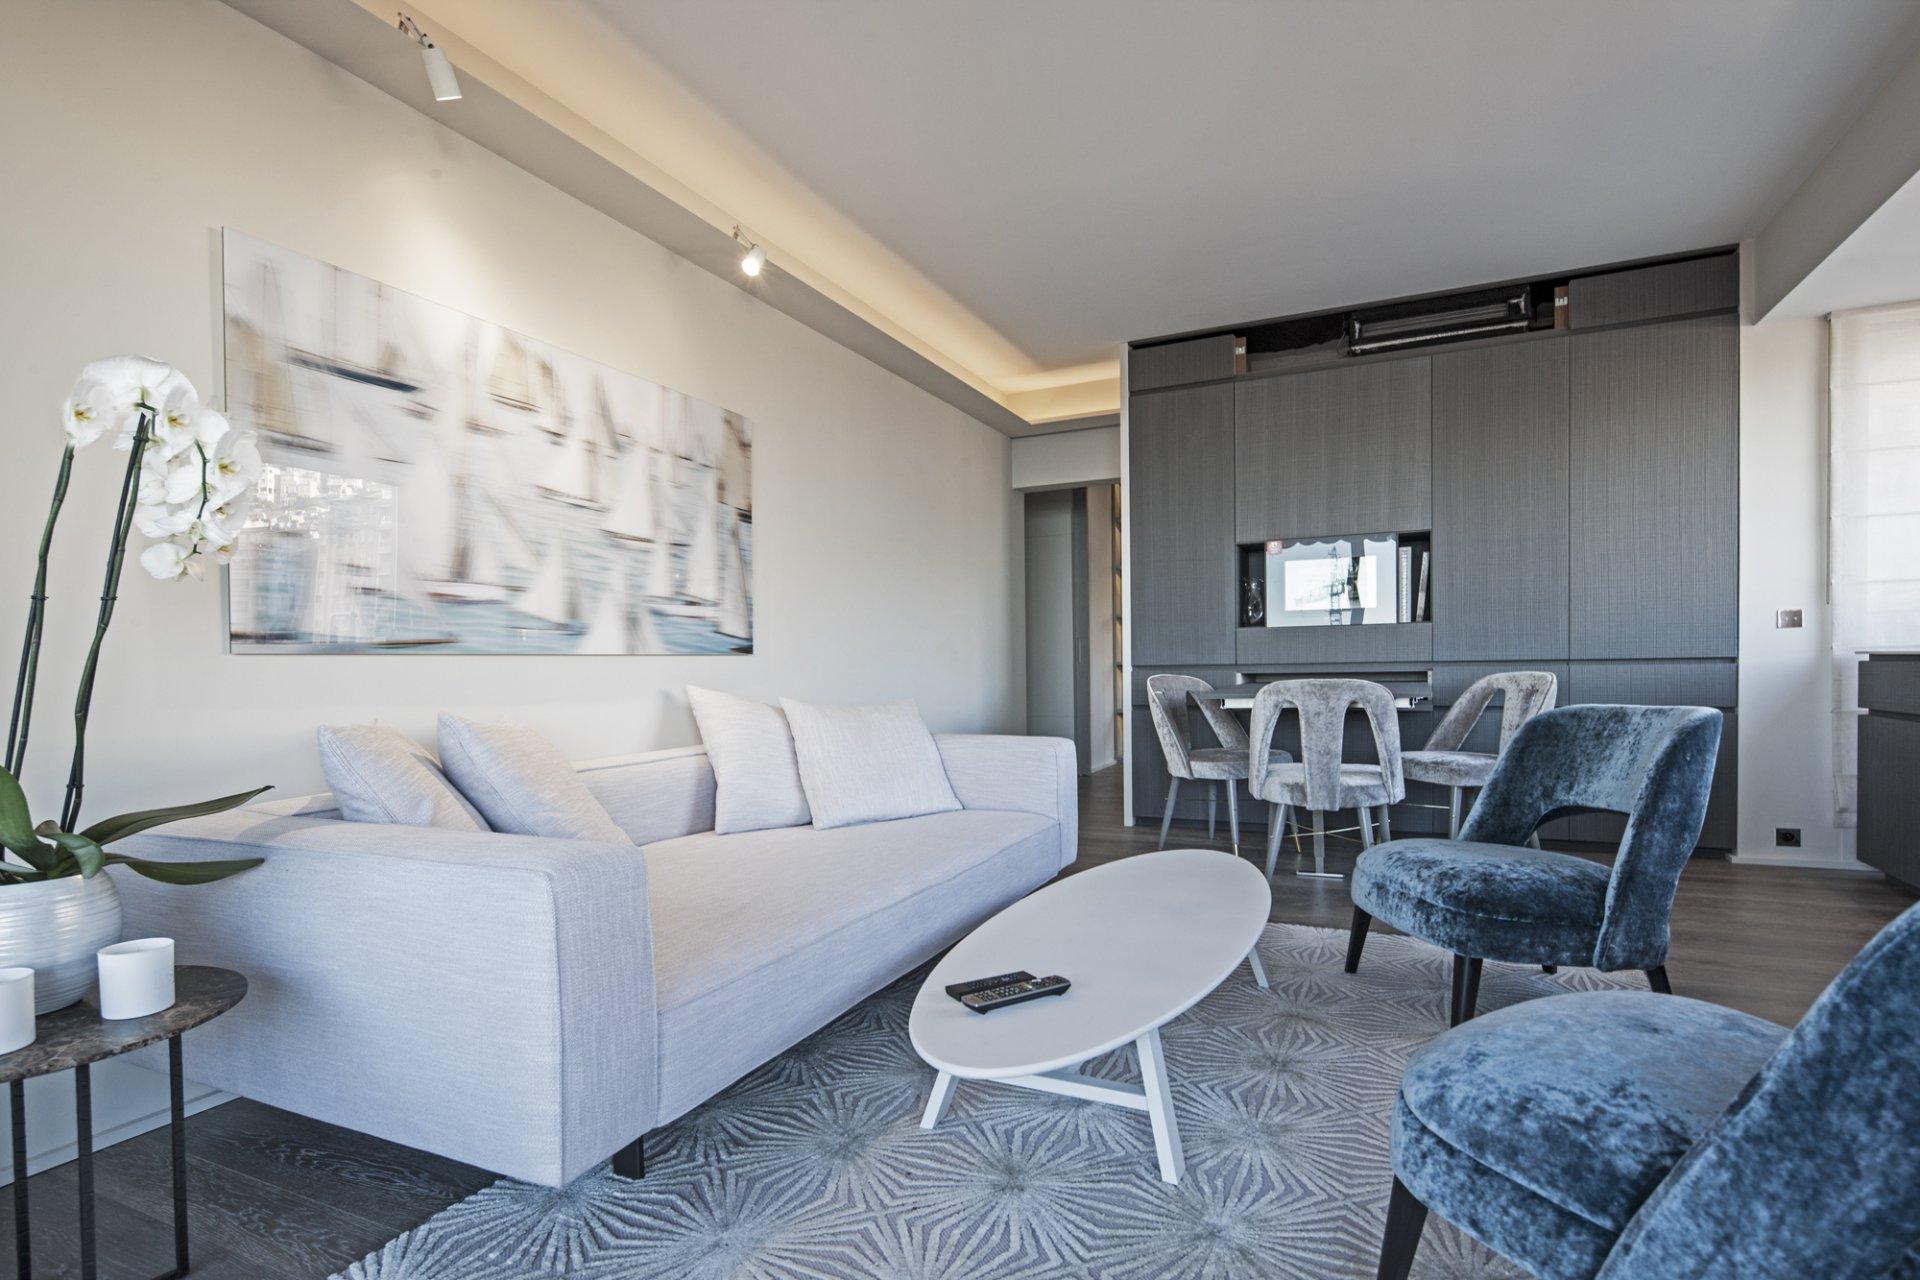 Exclusivité - 2 pièces luxueusement meublé